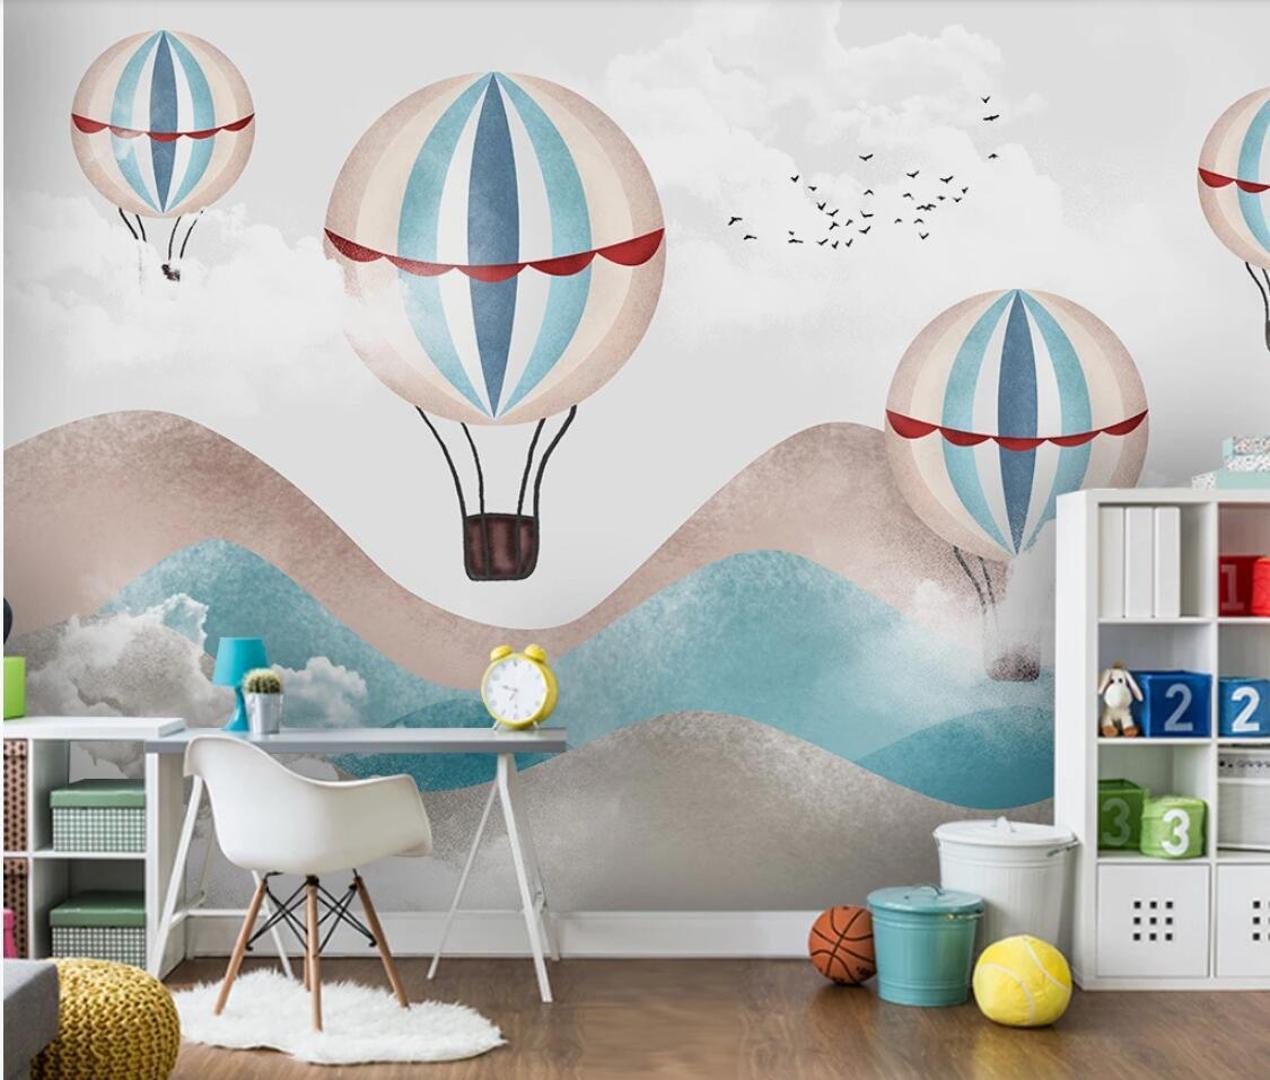 Carton Hot Air Balloon Enfants Chambre Murale Wallper Contact Papier Papel De Parede Enfants Chambre 3d Photo Papier Peint Décoration Murale